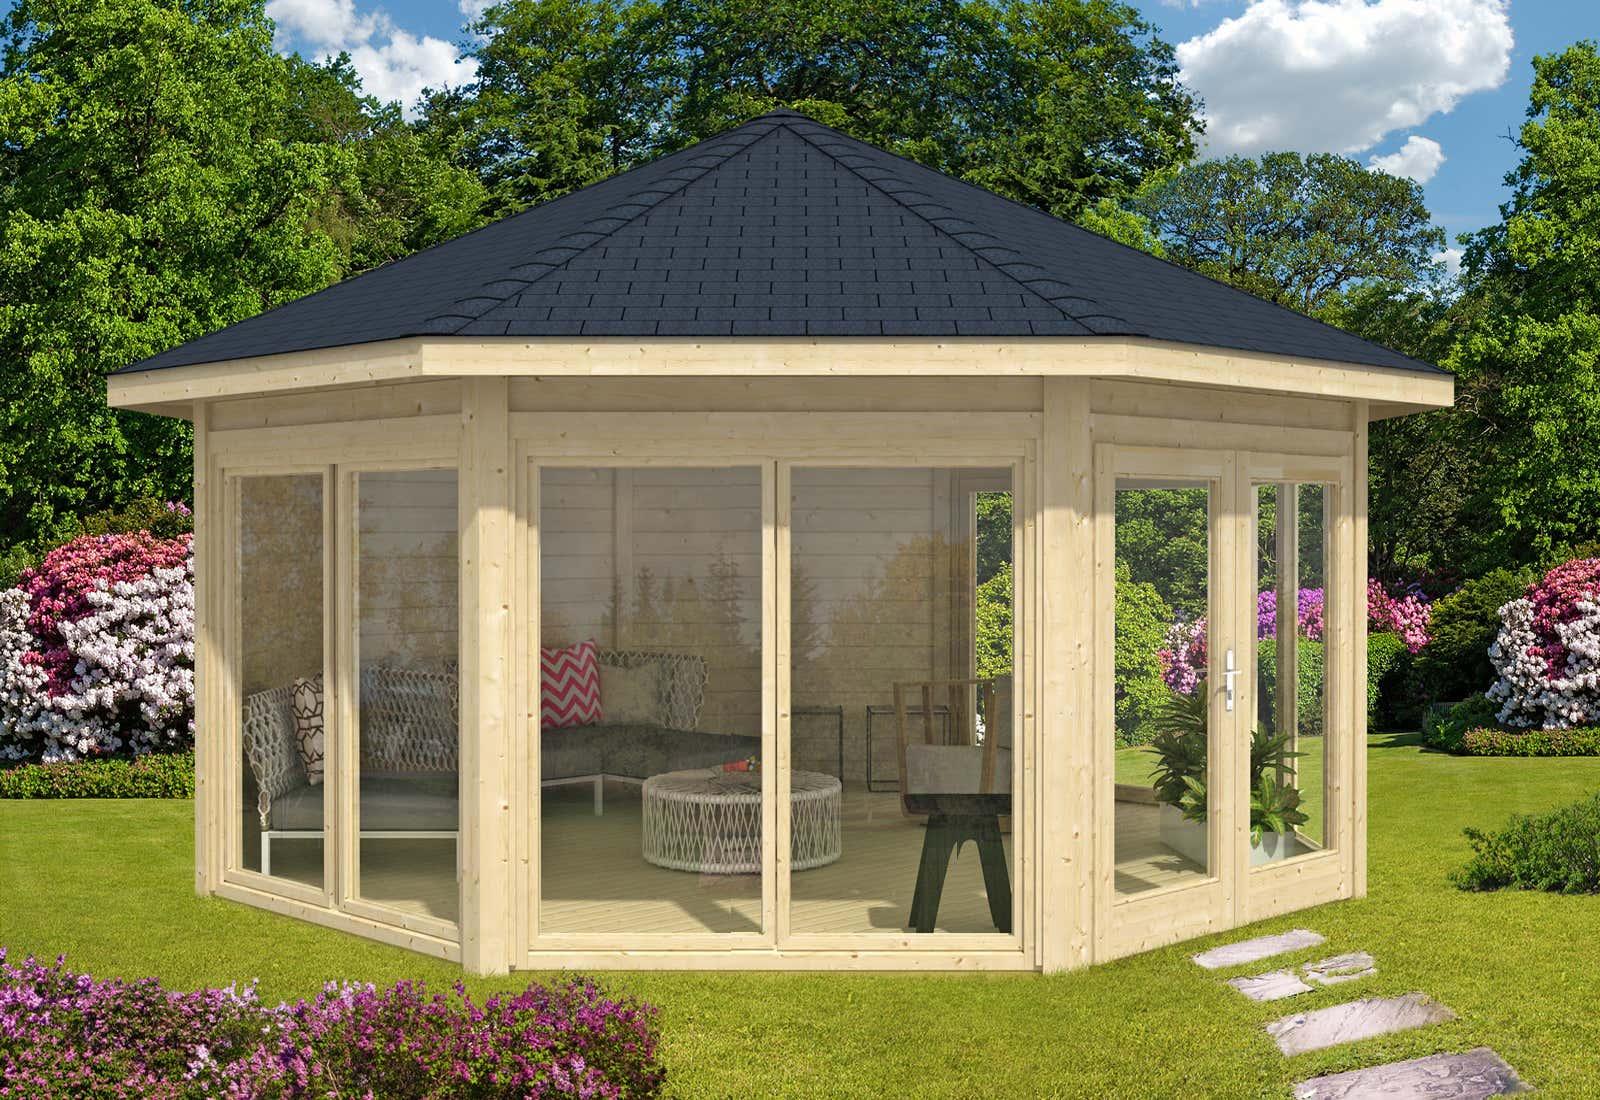 gartenpavillon aus holz kaufen gartenlauben vom fachmann. Black Bedroom Furniture Sets. Home Design Ideas